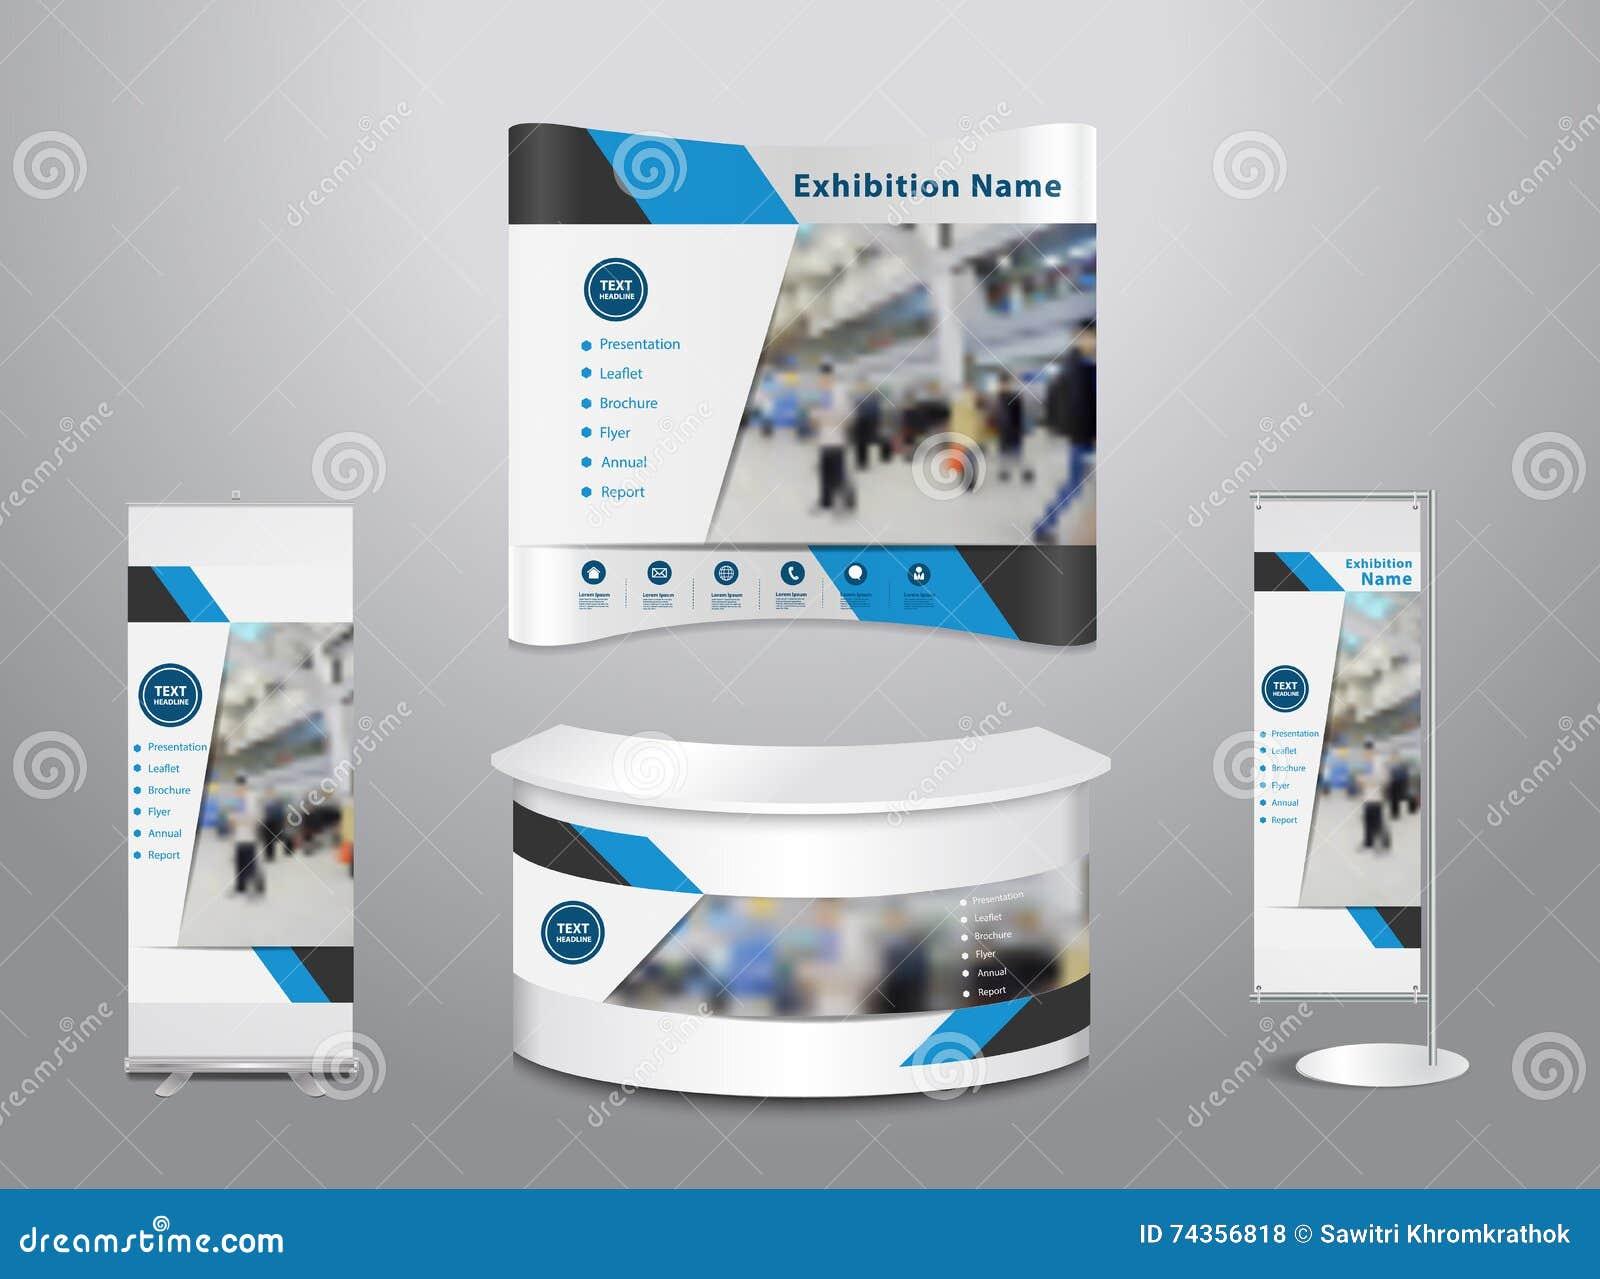 Trade Exhibition Stand Vector : Vector trade exhibition stand with cover presentation stock vector